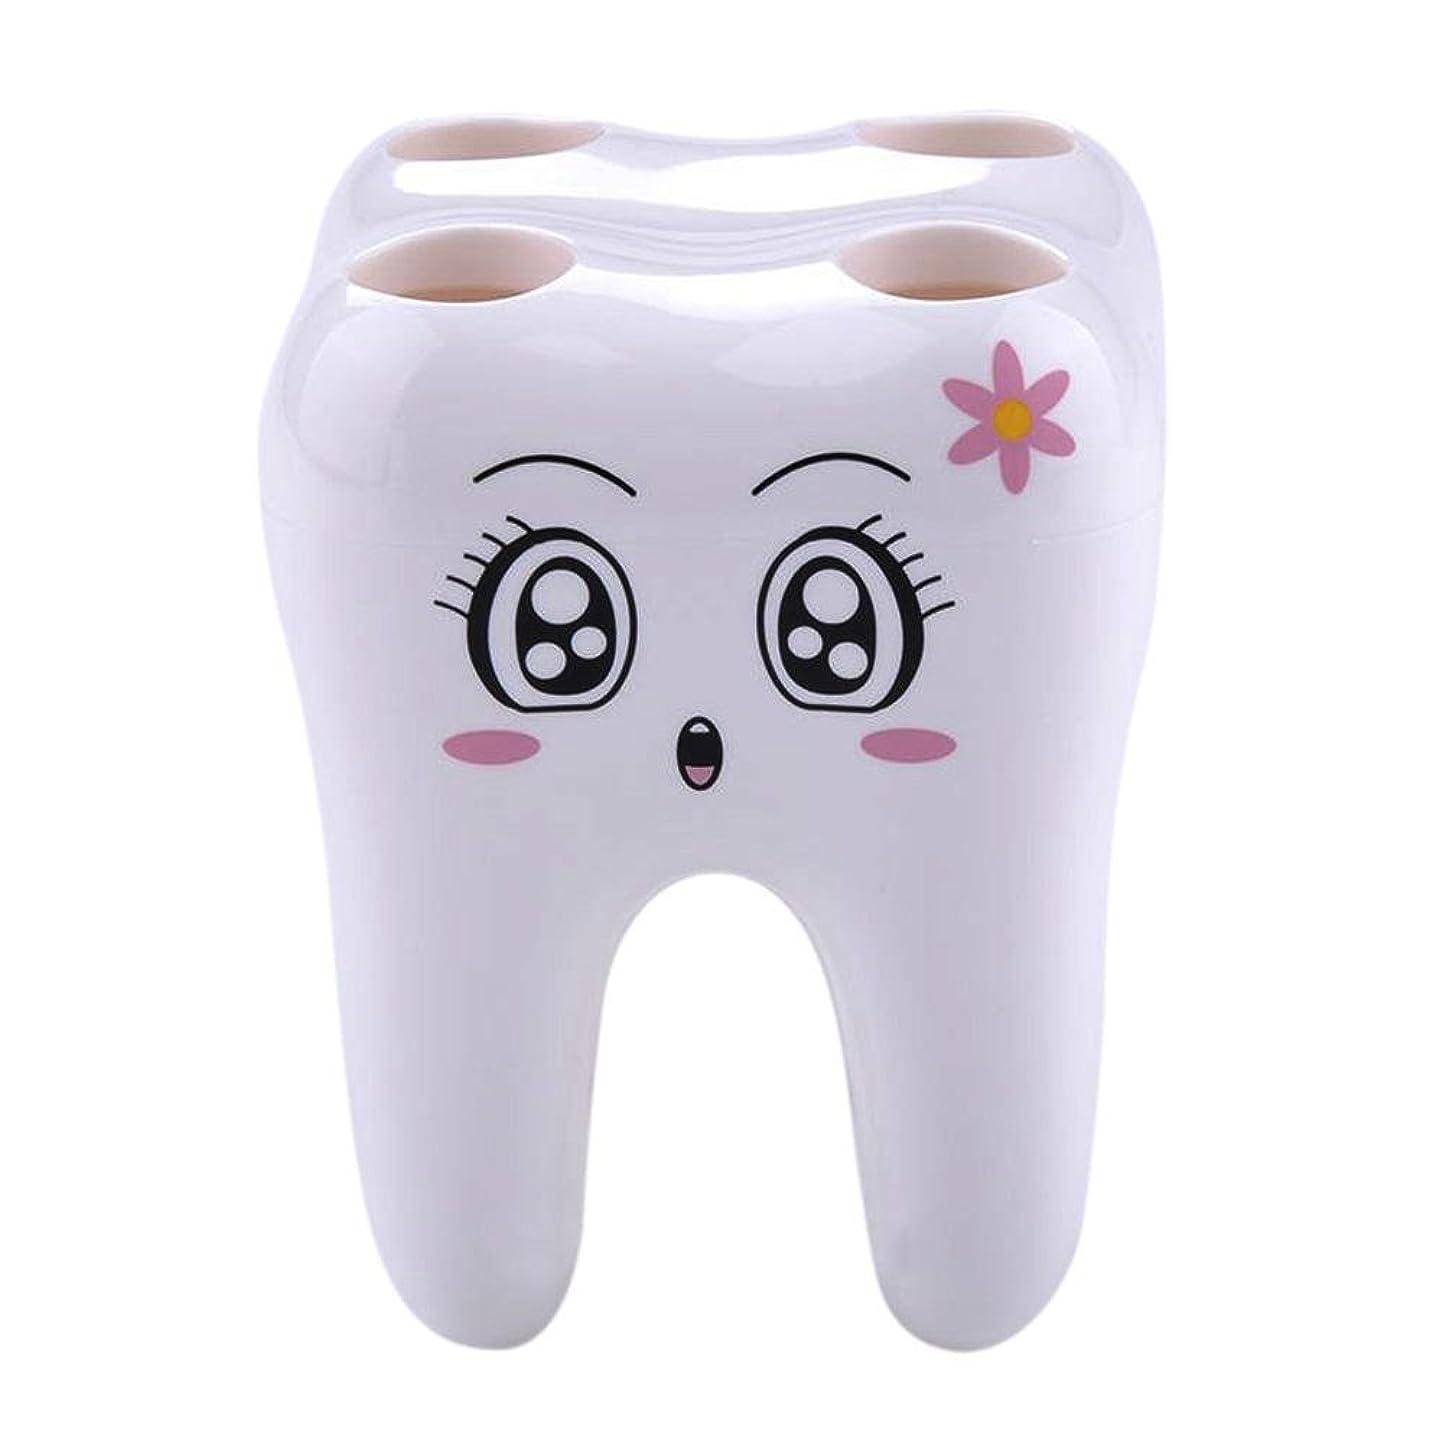 推測アクセスできないまっすぐカラー漫画歯ブラシ置きスマイリー歯ブラシ置きクリエイティブファッション歯ブラシ置き